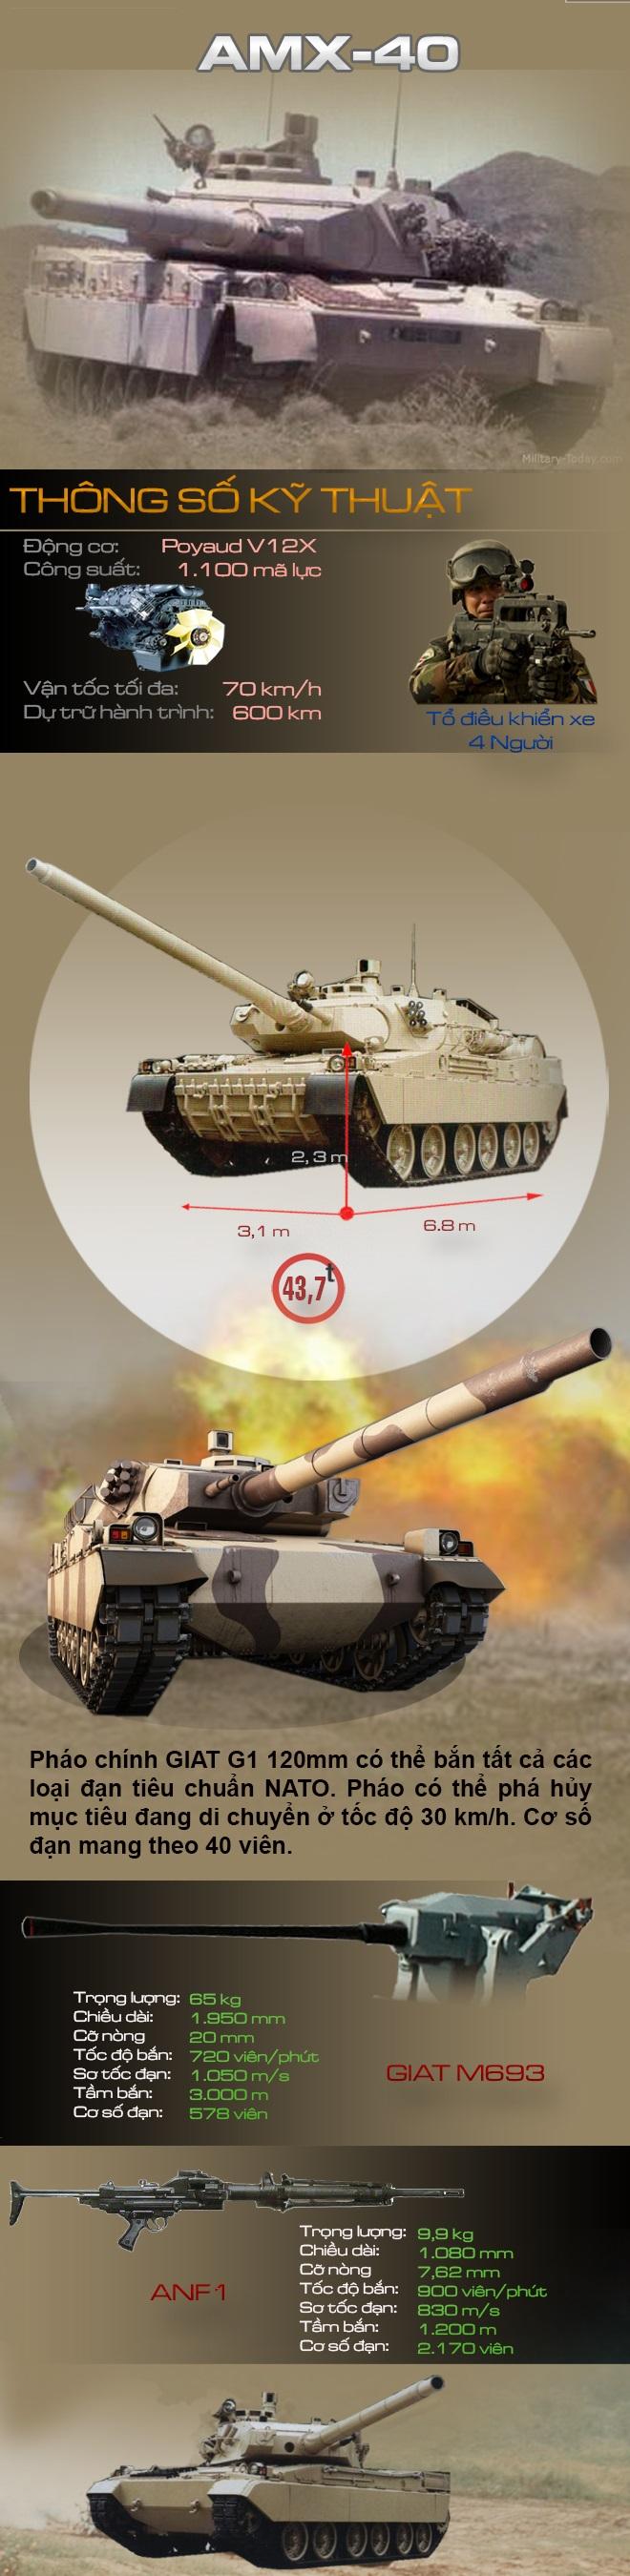 AMX-40 - Xe tăng 2 đại bác độc đáo của Pháp - Ảnh 1.